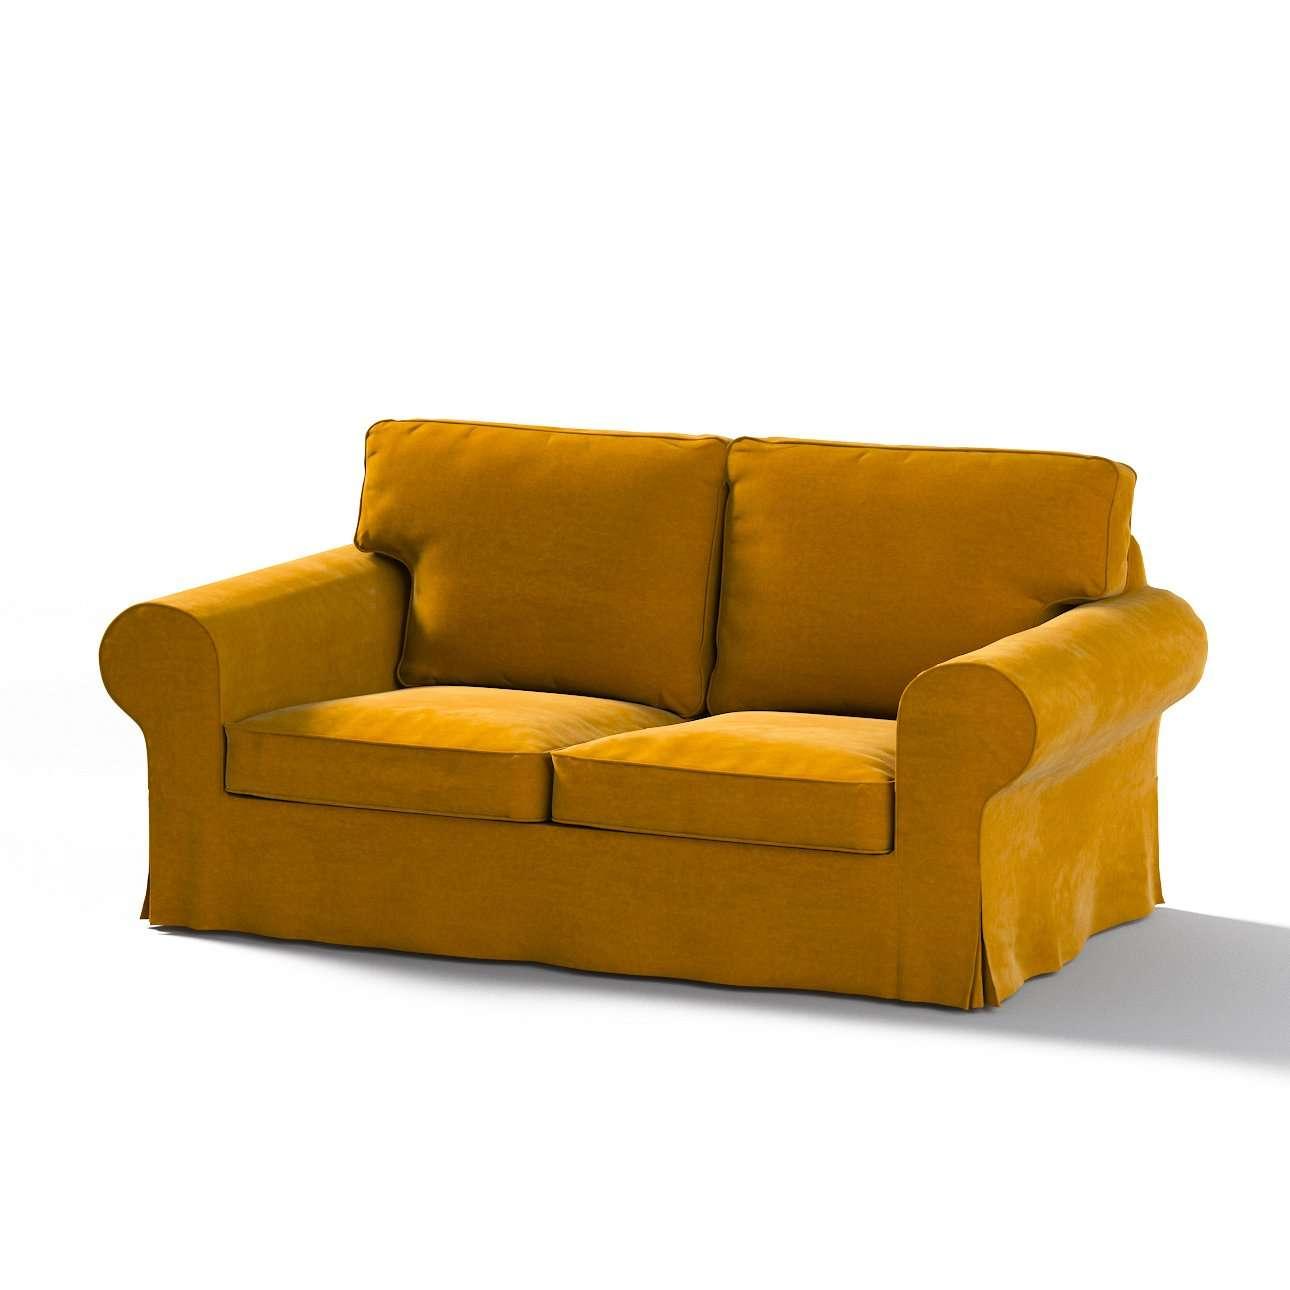 Bezug für Ektorp 2-Sitzer Schlafsofa ALTES Modell von der Kollektion Velvet, Stoff: 704-23